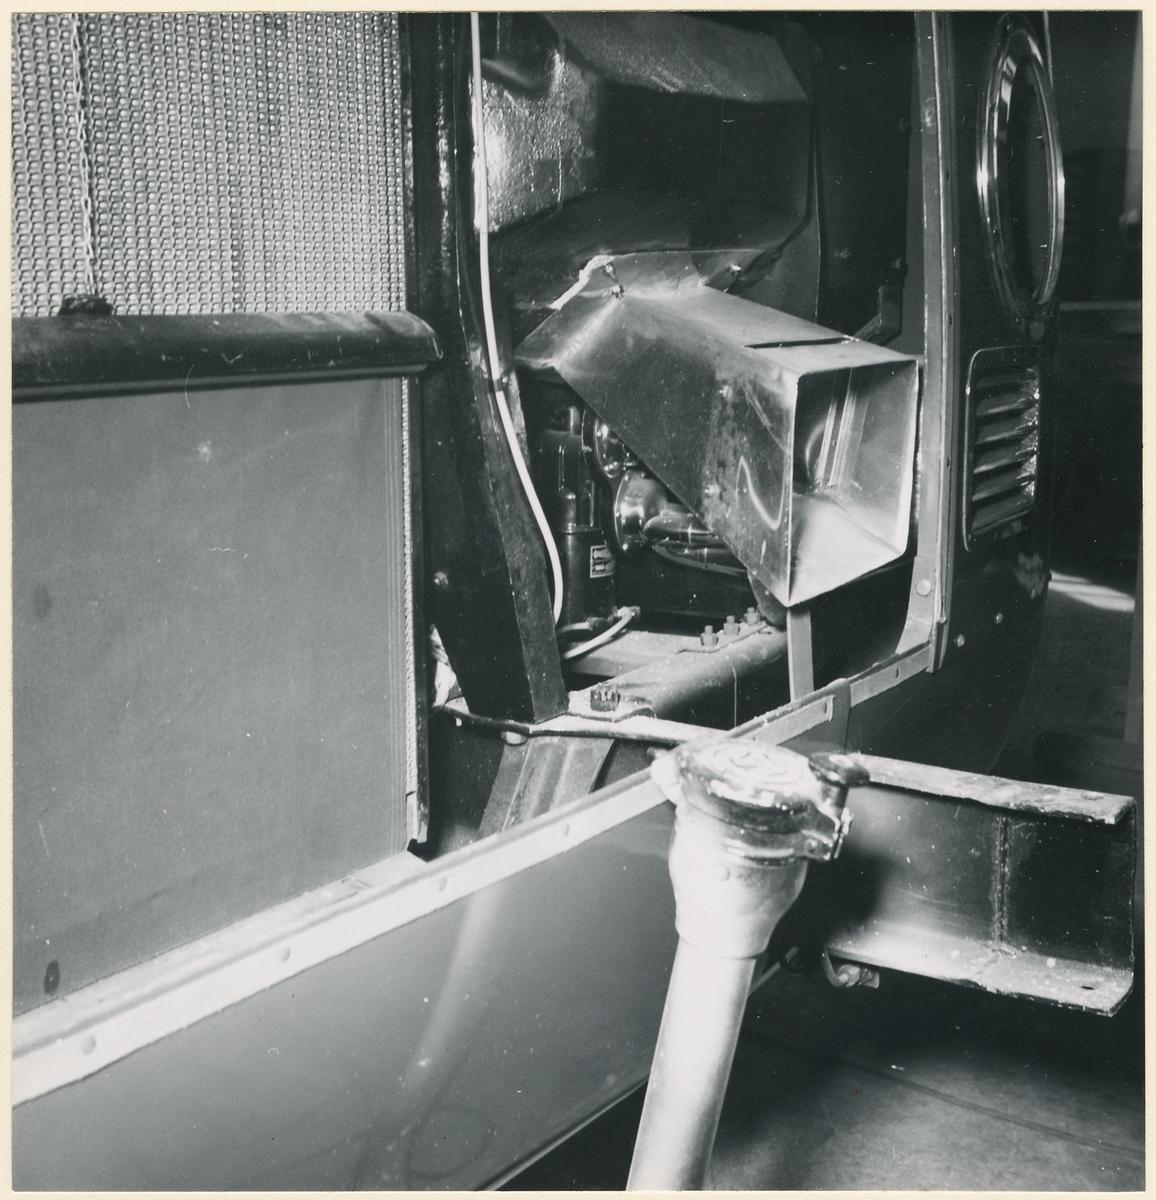 Detaljbild på utrustning i buss.